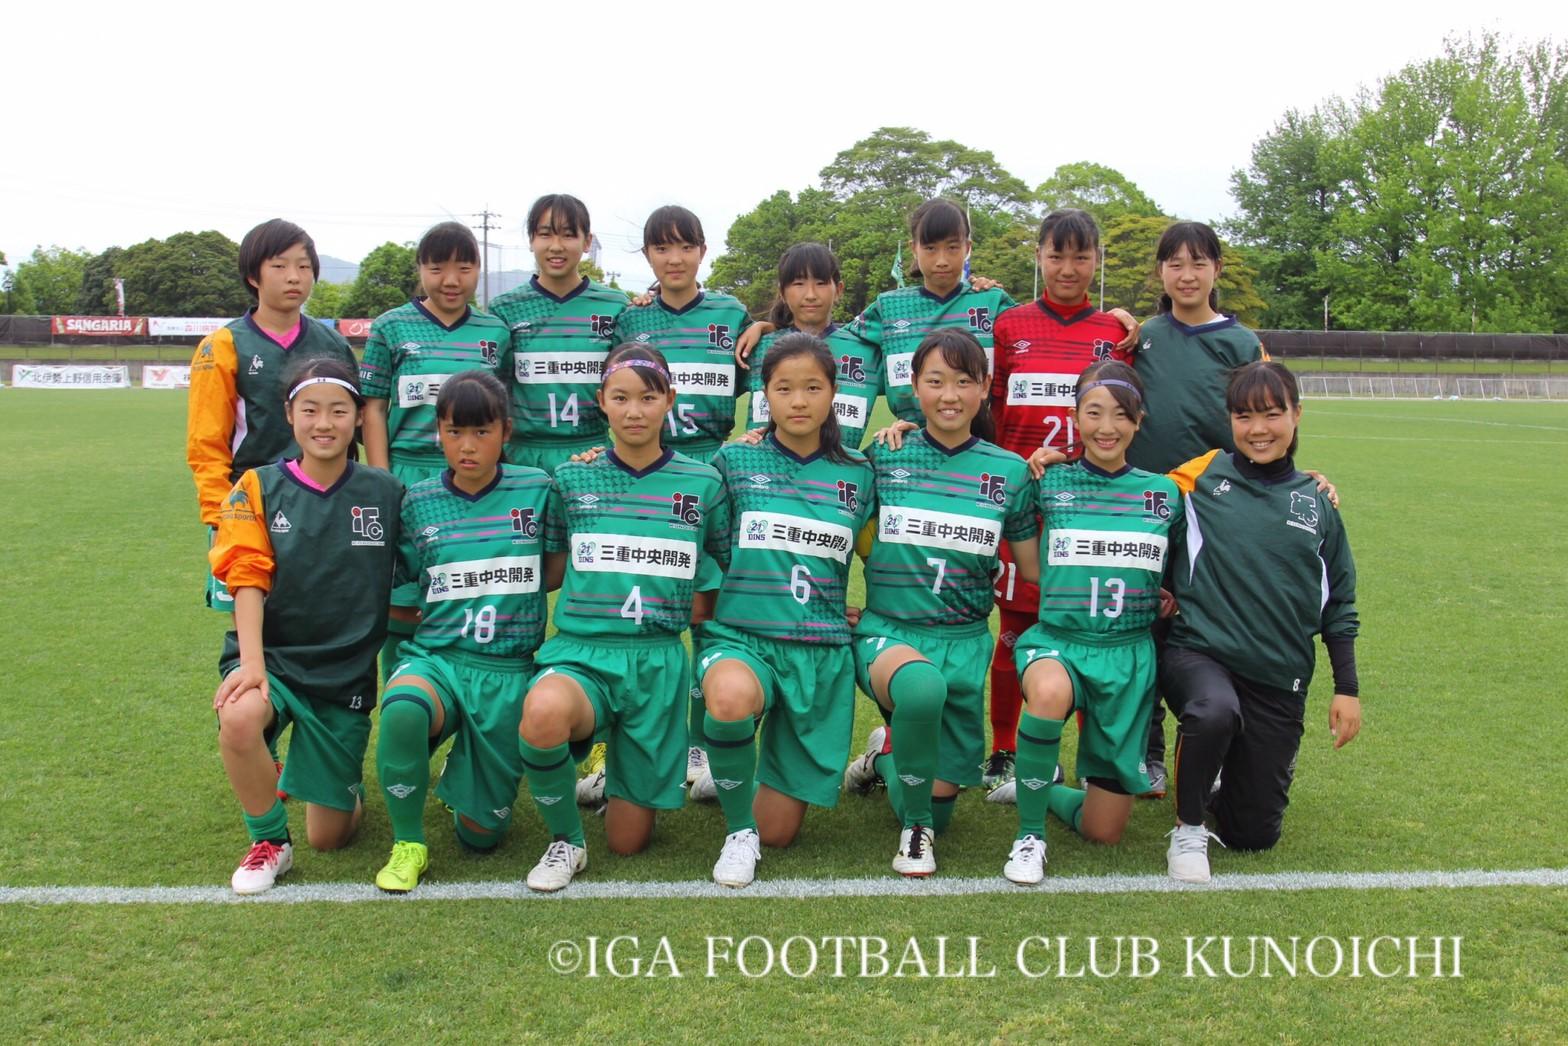 U-15プレナスなでしこアカデミーカップ2019 試合結果